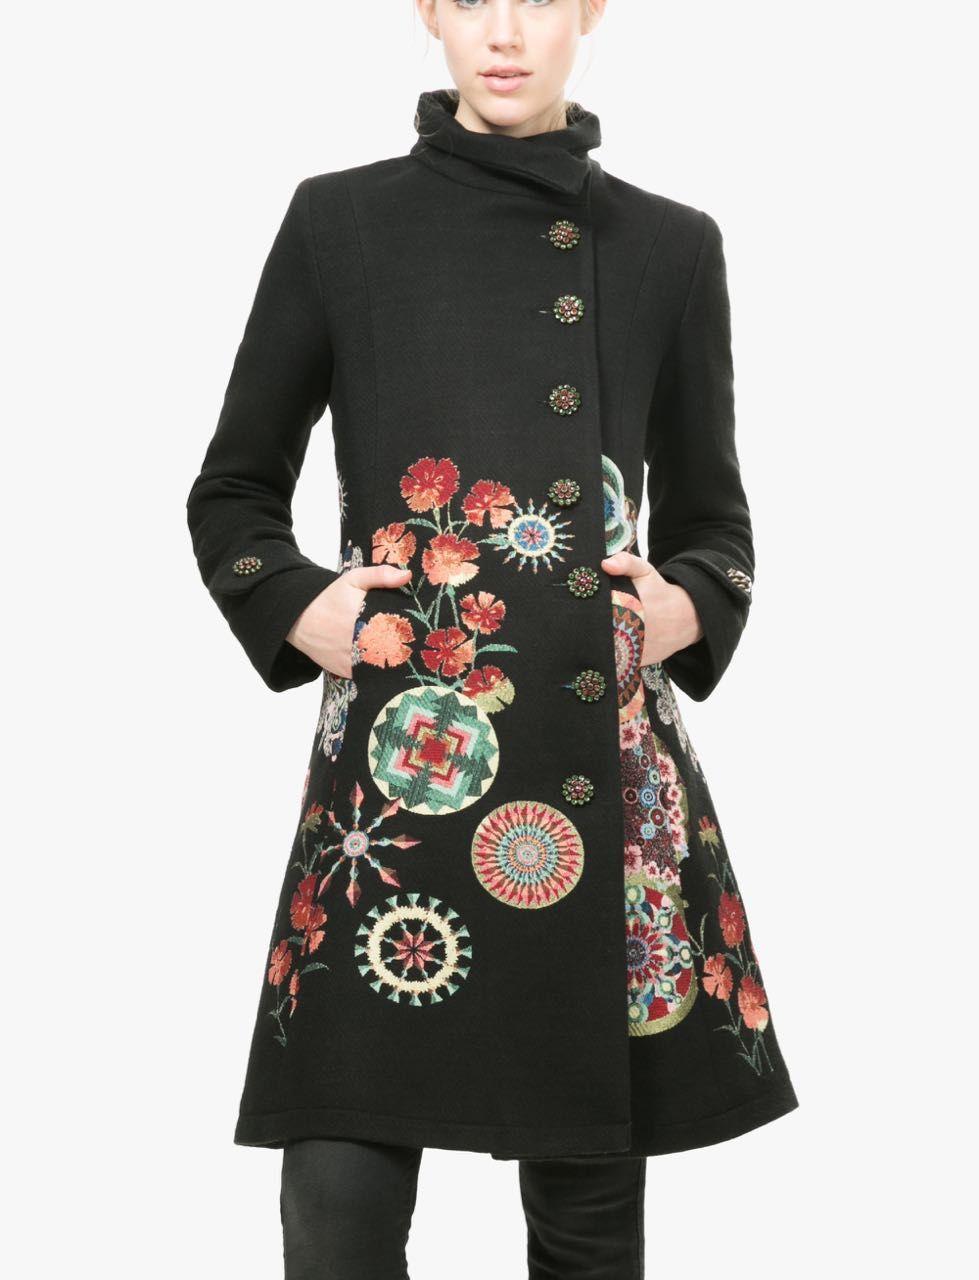 Desigual Black Fall Winter Coat   Asos   Pinterest   Fashion, Coat ... a24d68d33280